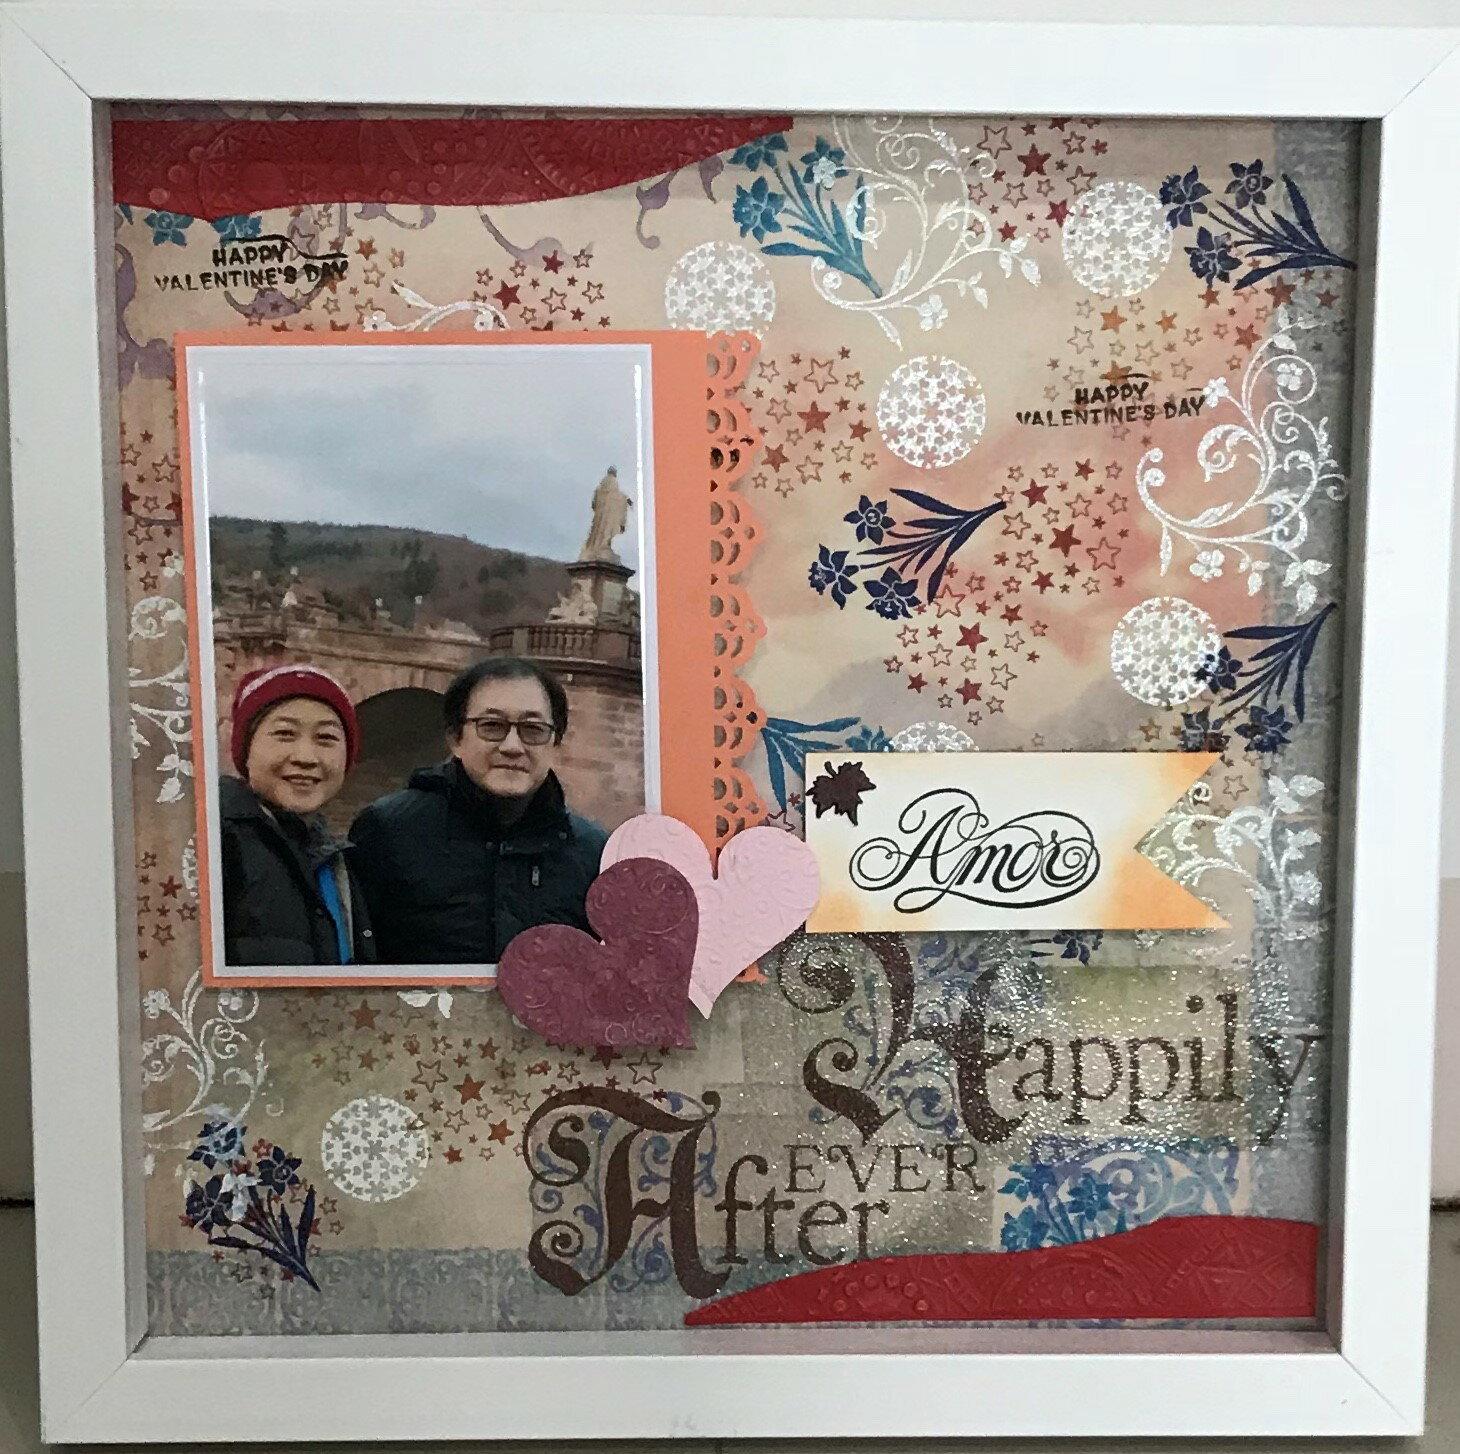 【夫妻愛之旅】 客製化相片美編、相框美編、文創手作、紙藝、掛、立放皆可36*36cm,正方白框有壓克力版